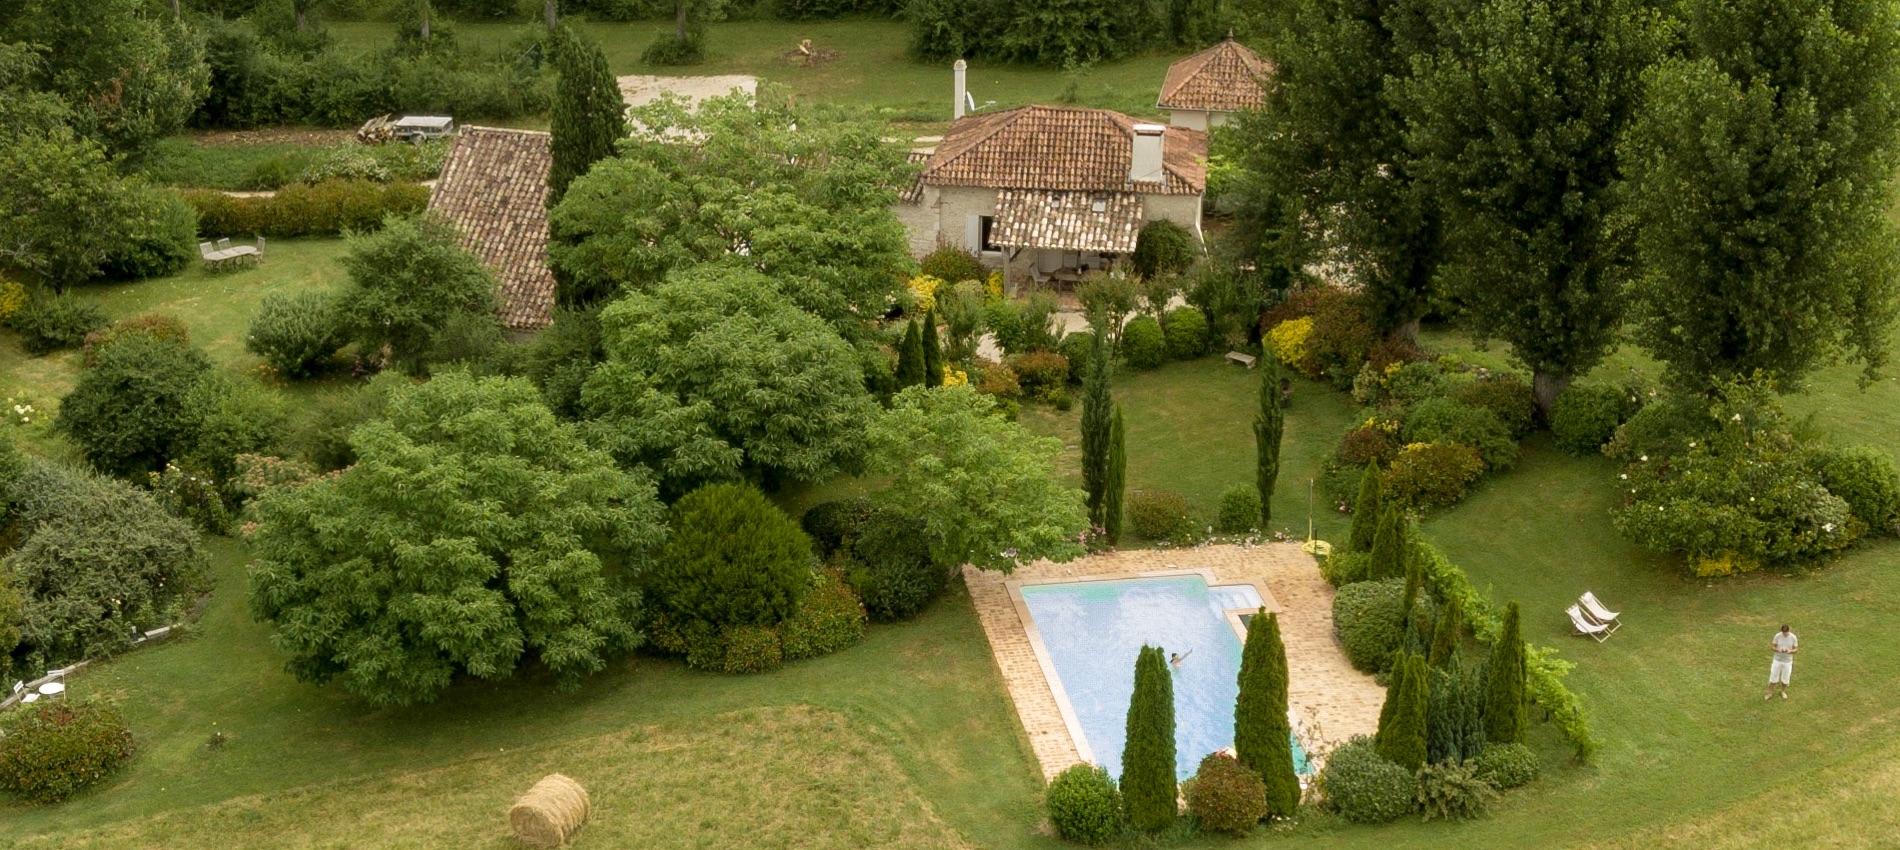 Maison Petit Tautery